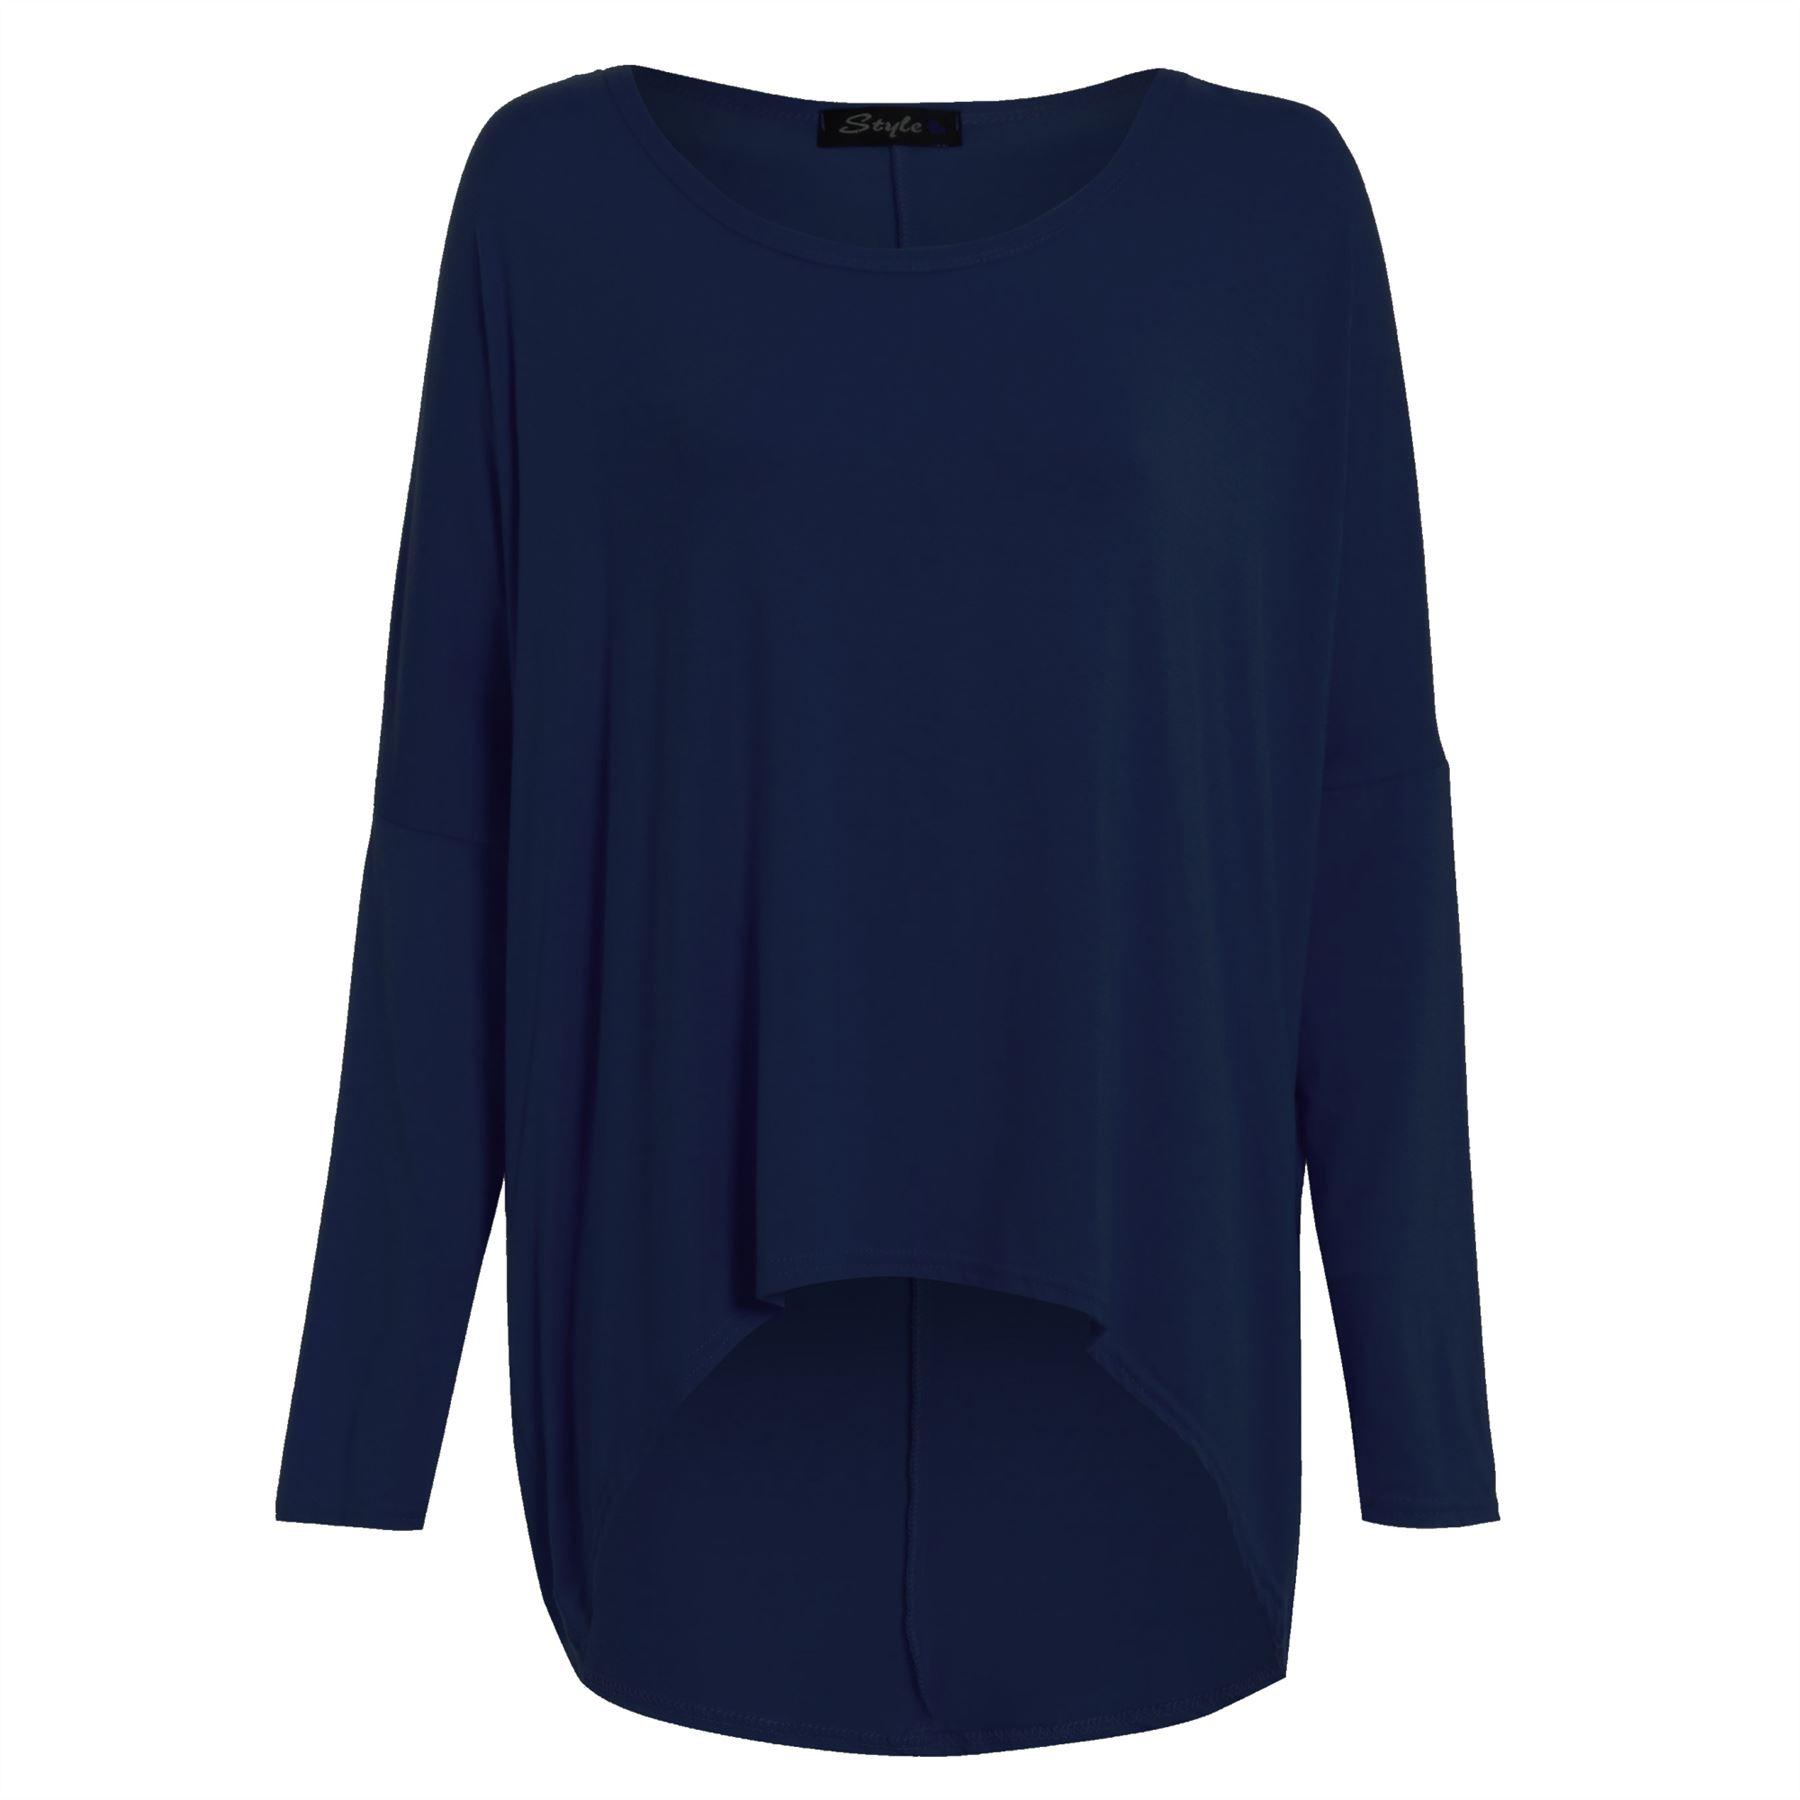 Plus-Size-Ladies-Women-Oversize-Jumper-Lagenlook-Baggy-Off-Shoulder-High-Low-Top